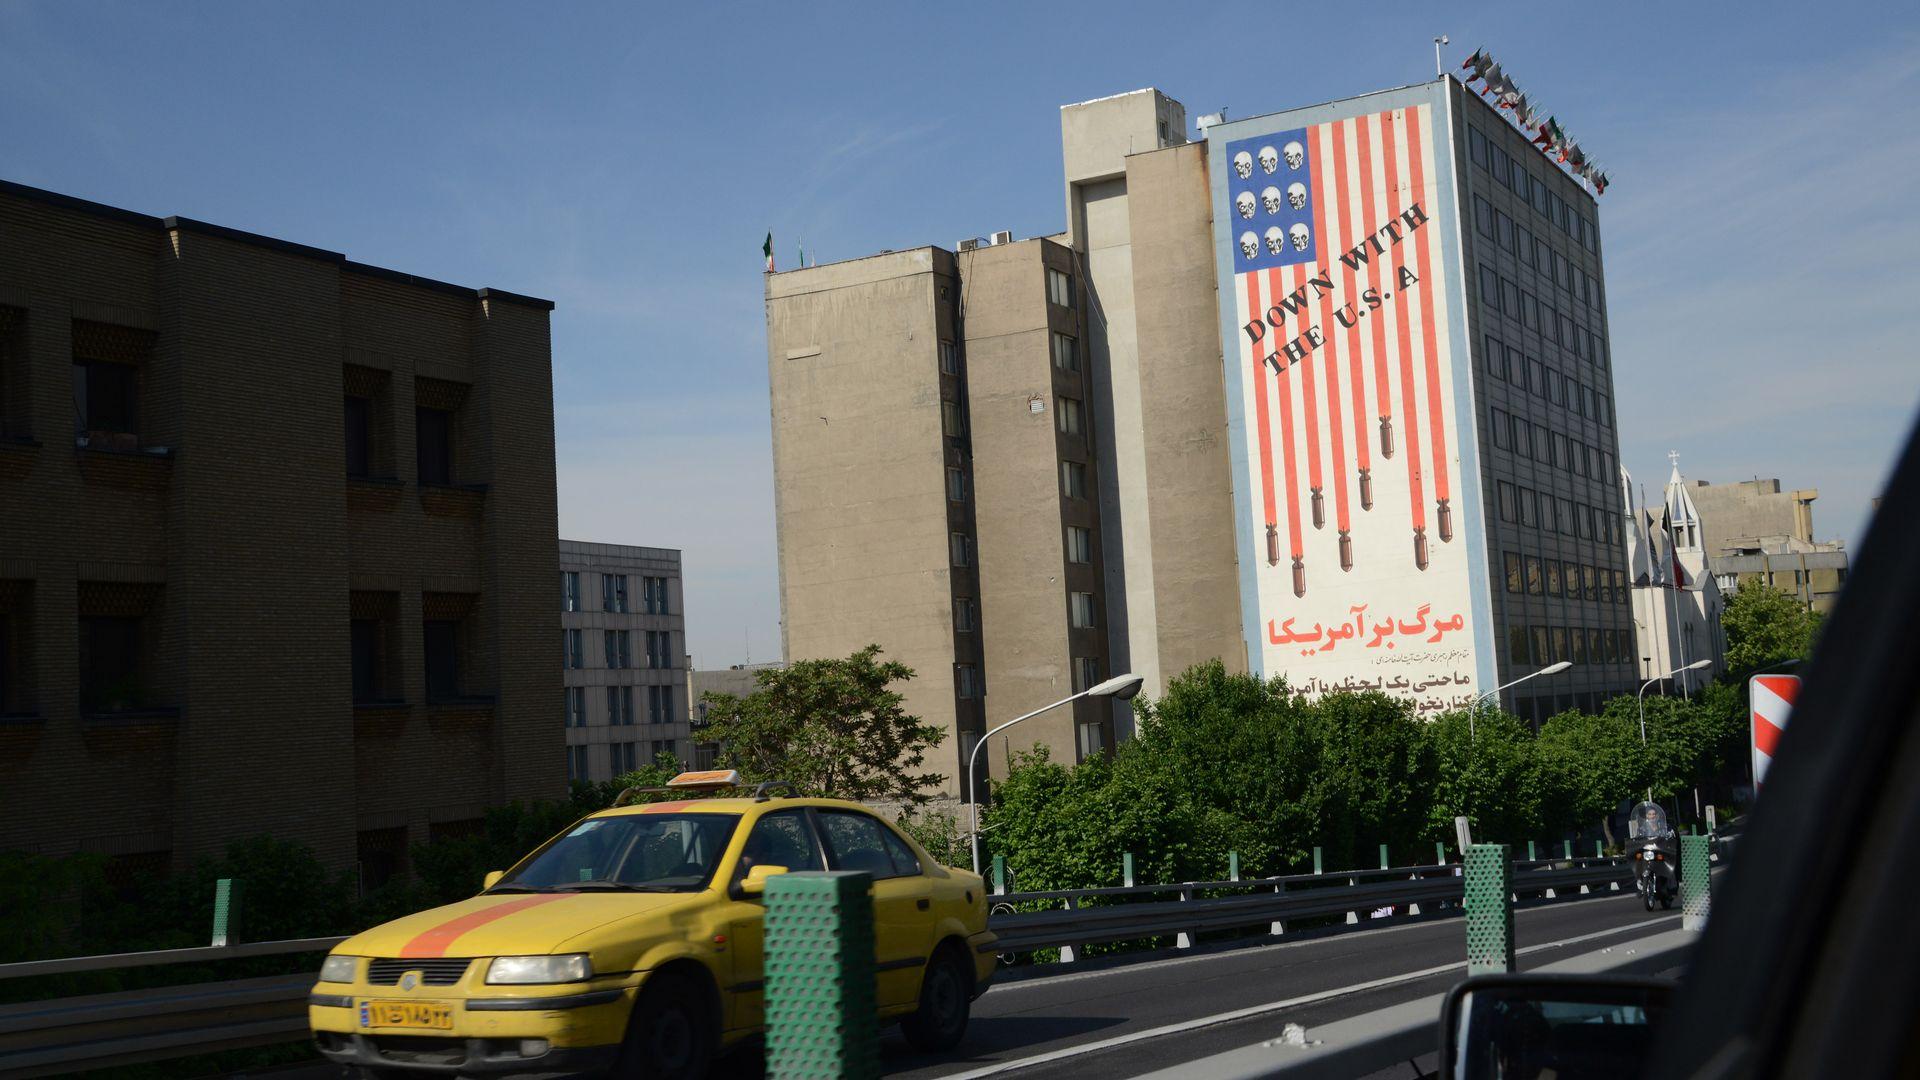 Anti-U.S. mural in Terhan.